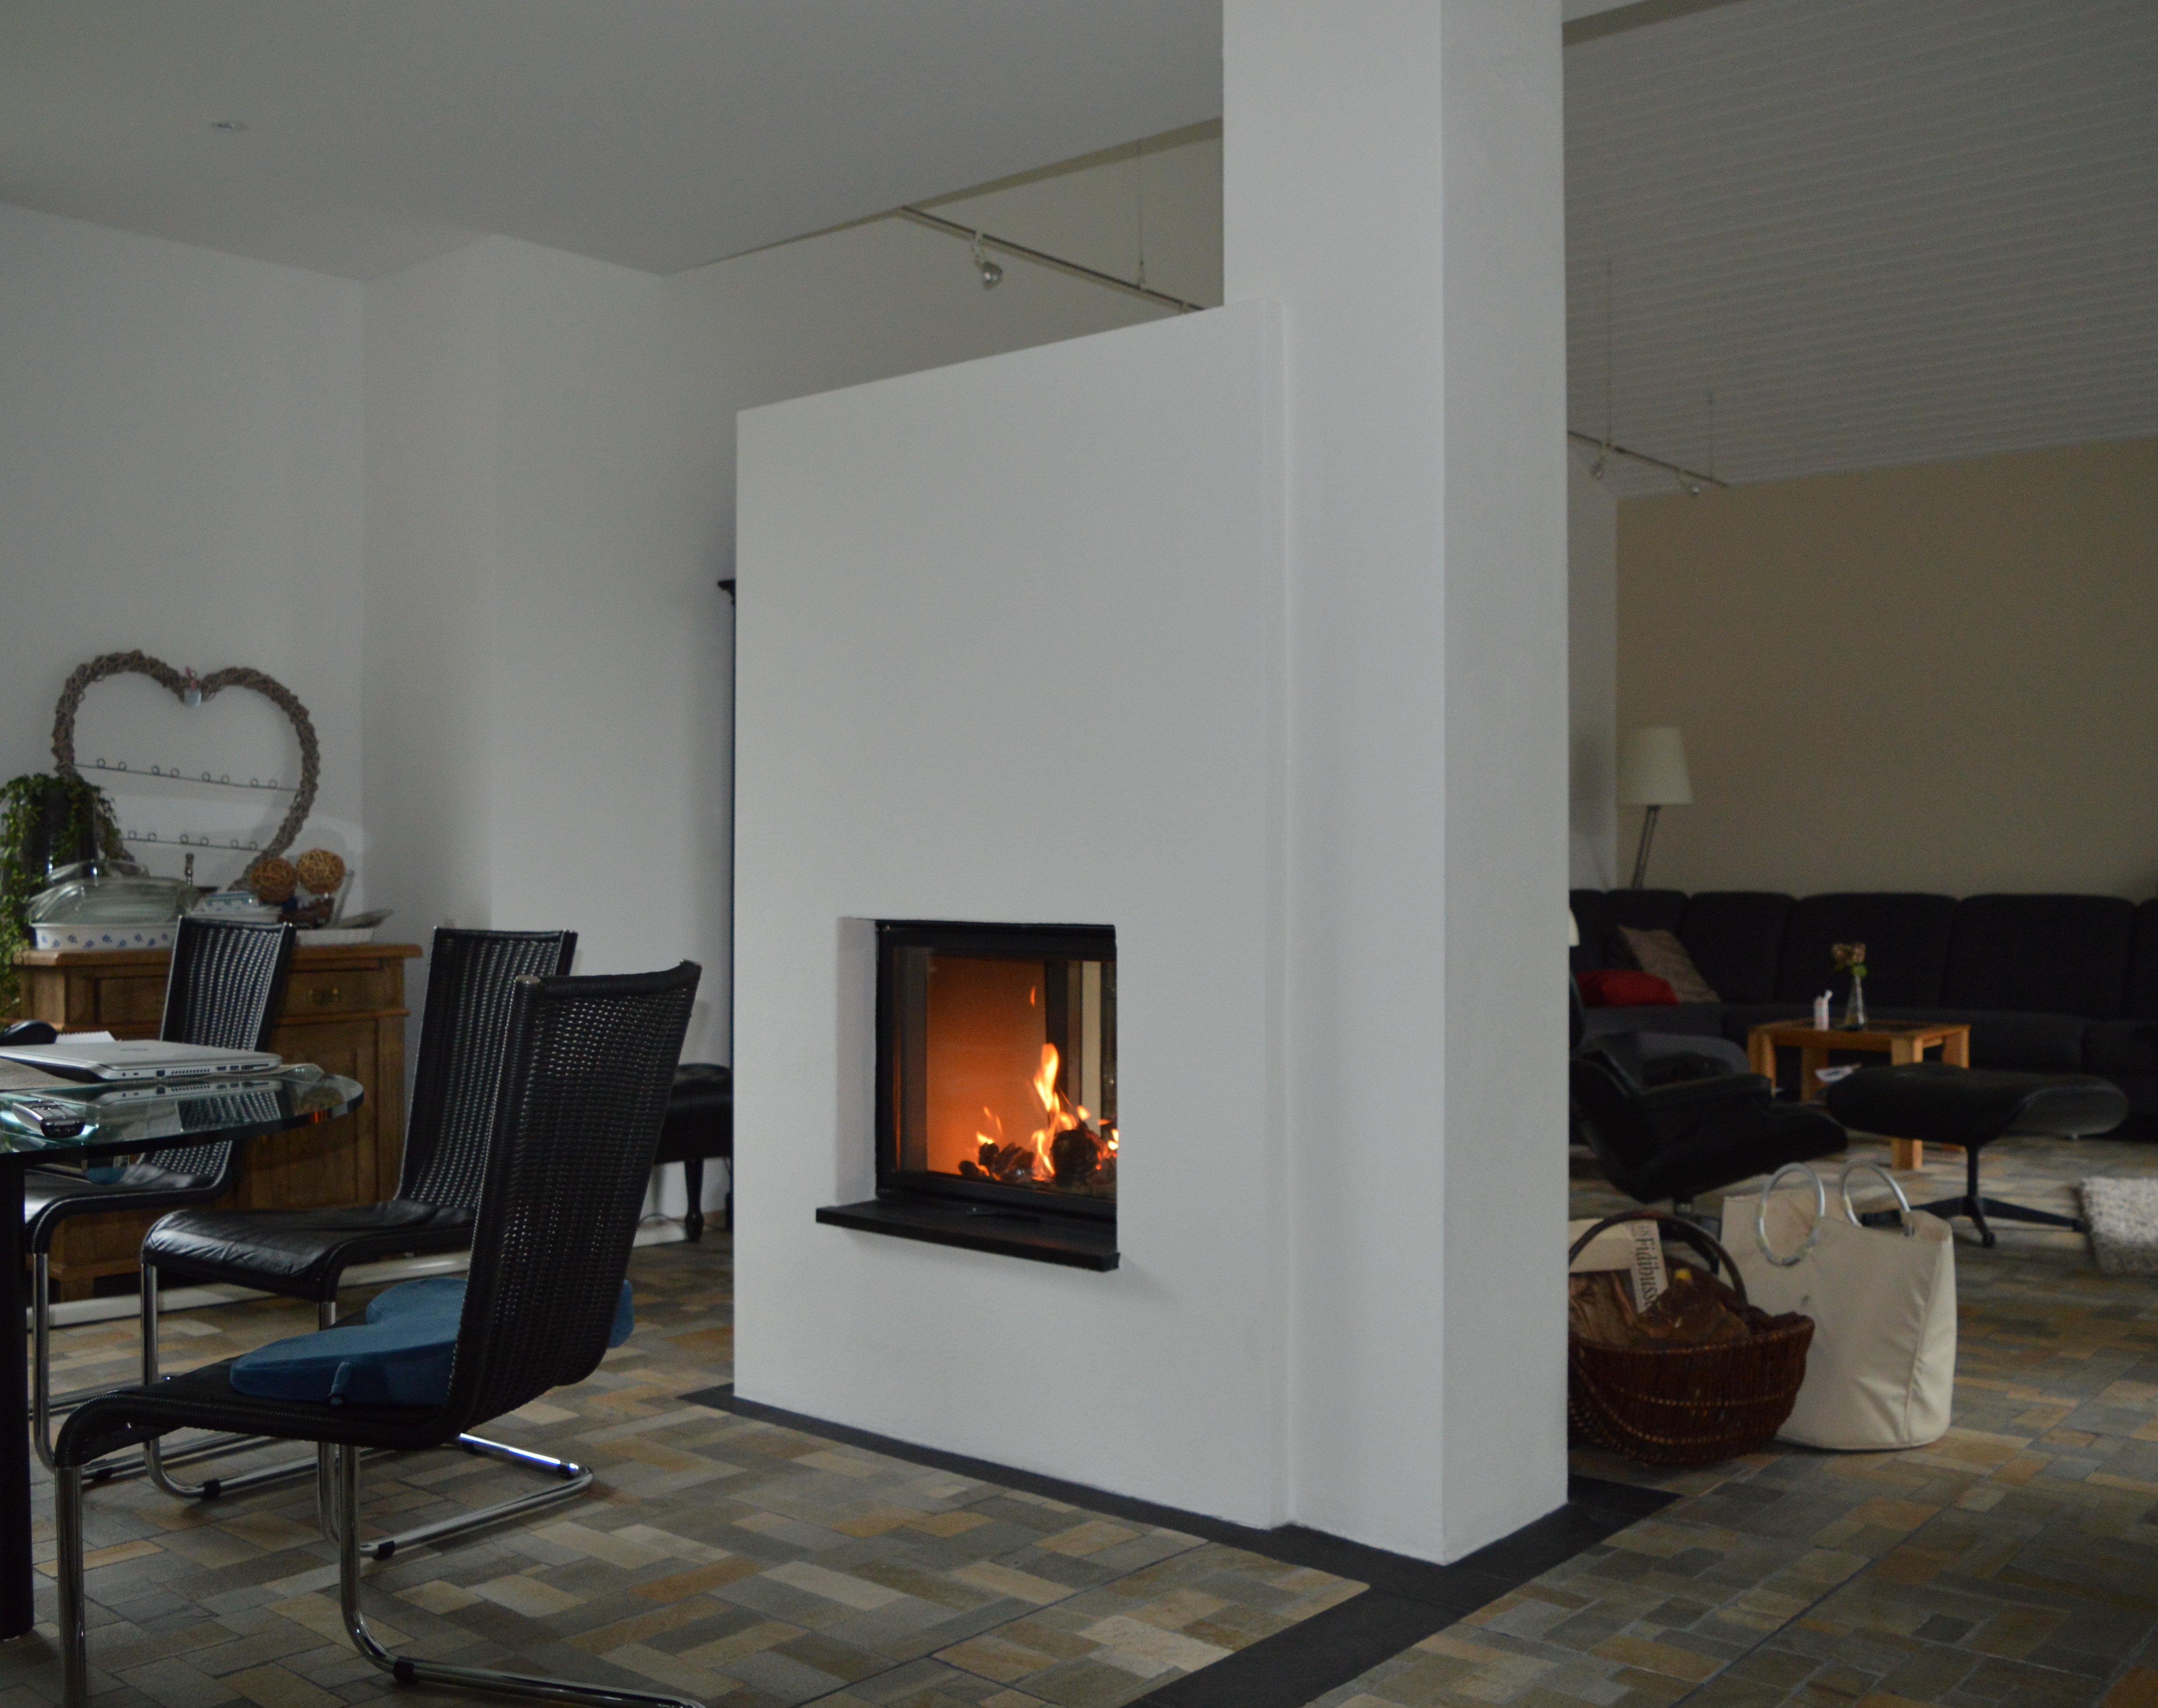 tunnelkamine mit doppelter feuersicht. Black Bedroom Furniture Sets. Home Design Ideas